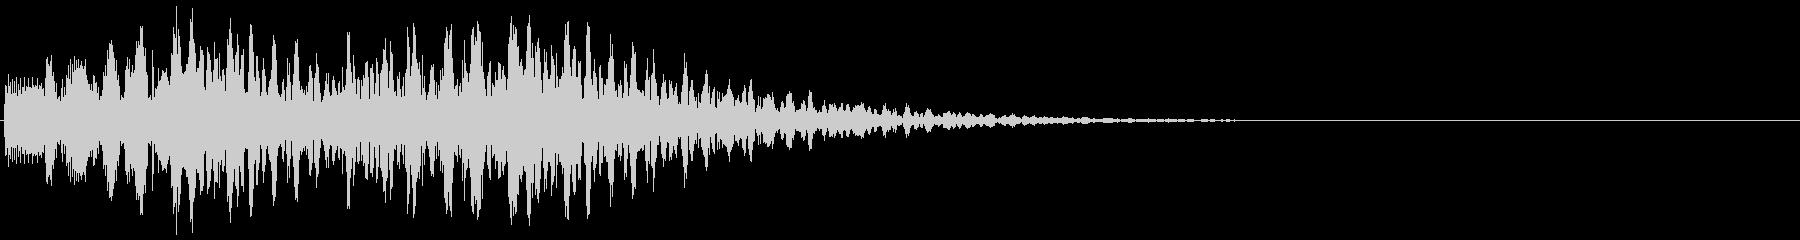 キランキラン(キラキラ系装飾音)の未再生の波形